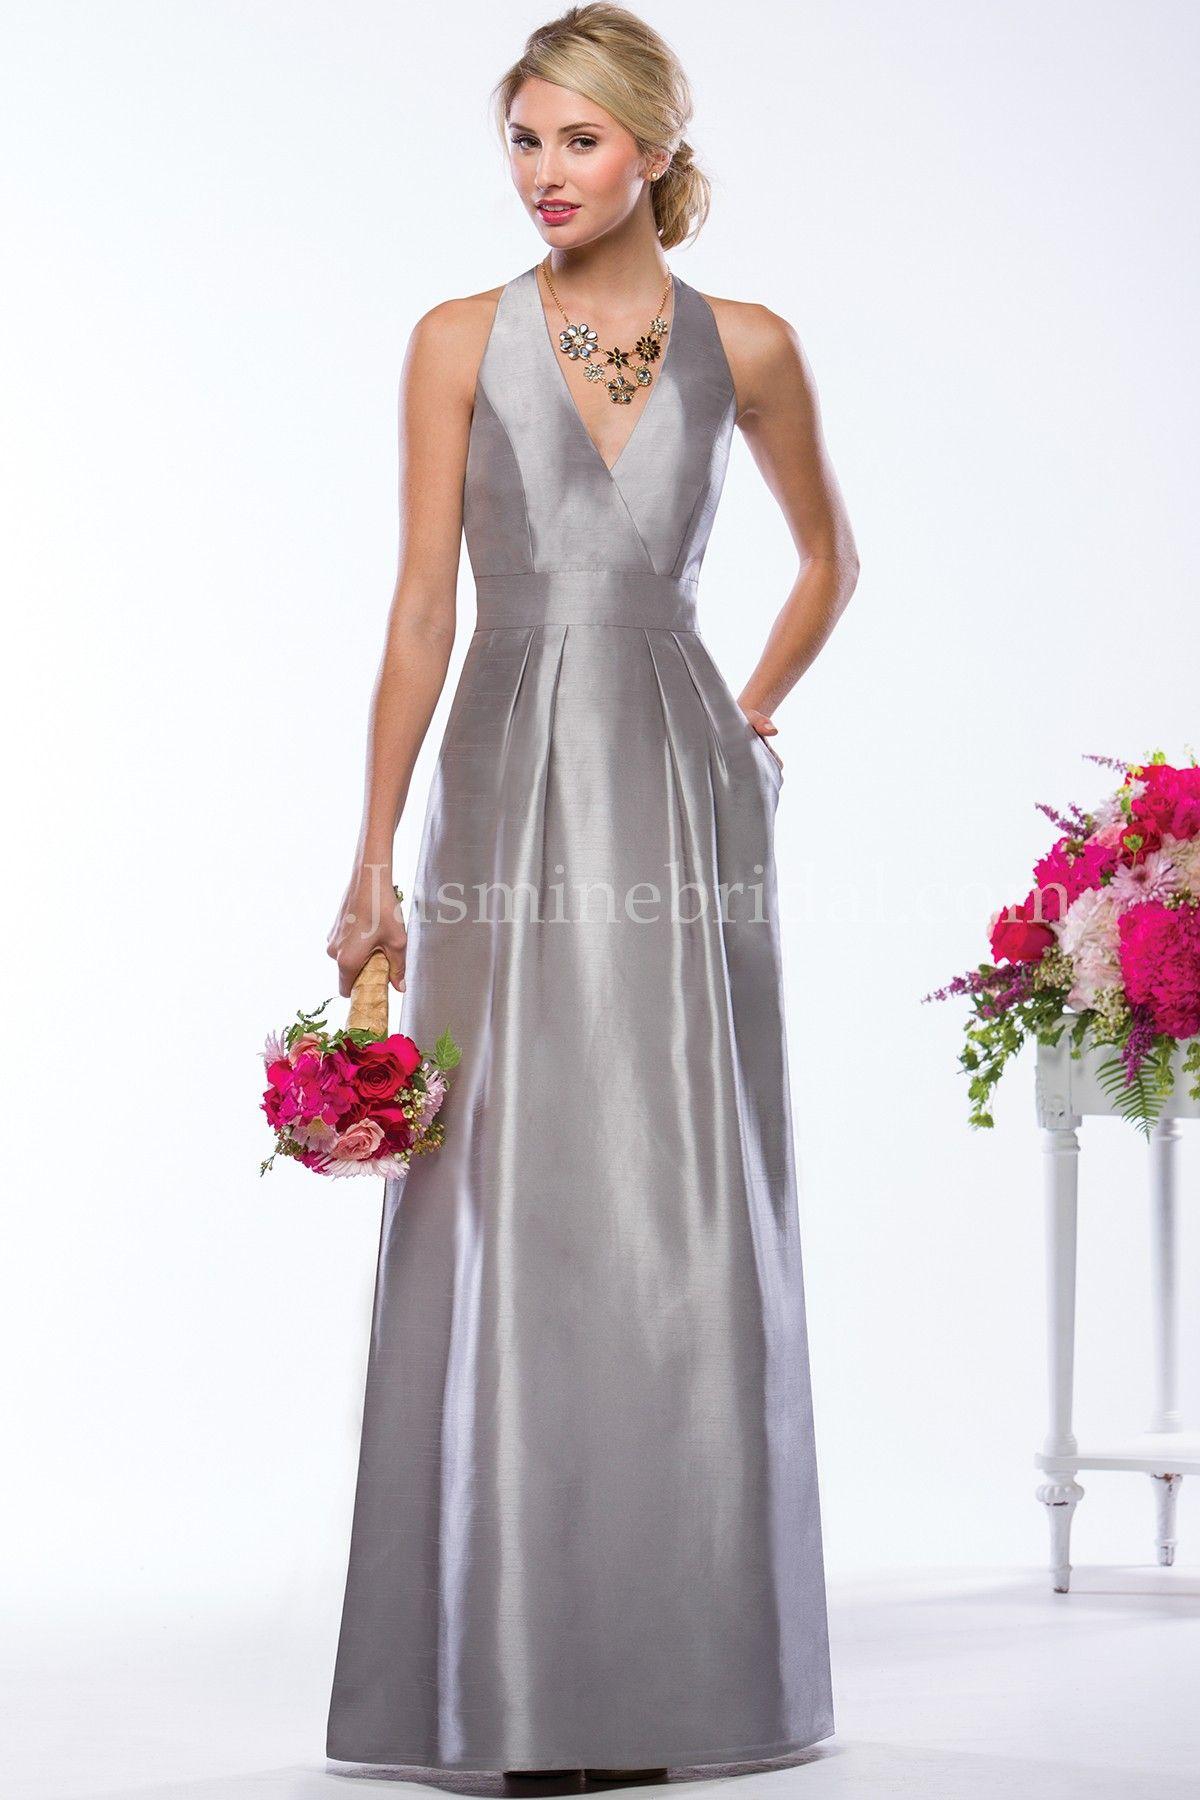 Jasmine bridal bridesmaid dress jasmine bridesmaids style p176062 jasmine bridal bridesmaid dress jasmine bridesmaids style p176062 in platinum this bridesmaid dress is ombrellifo Images